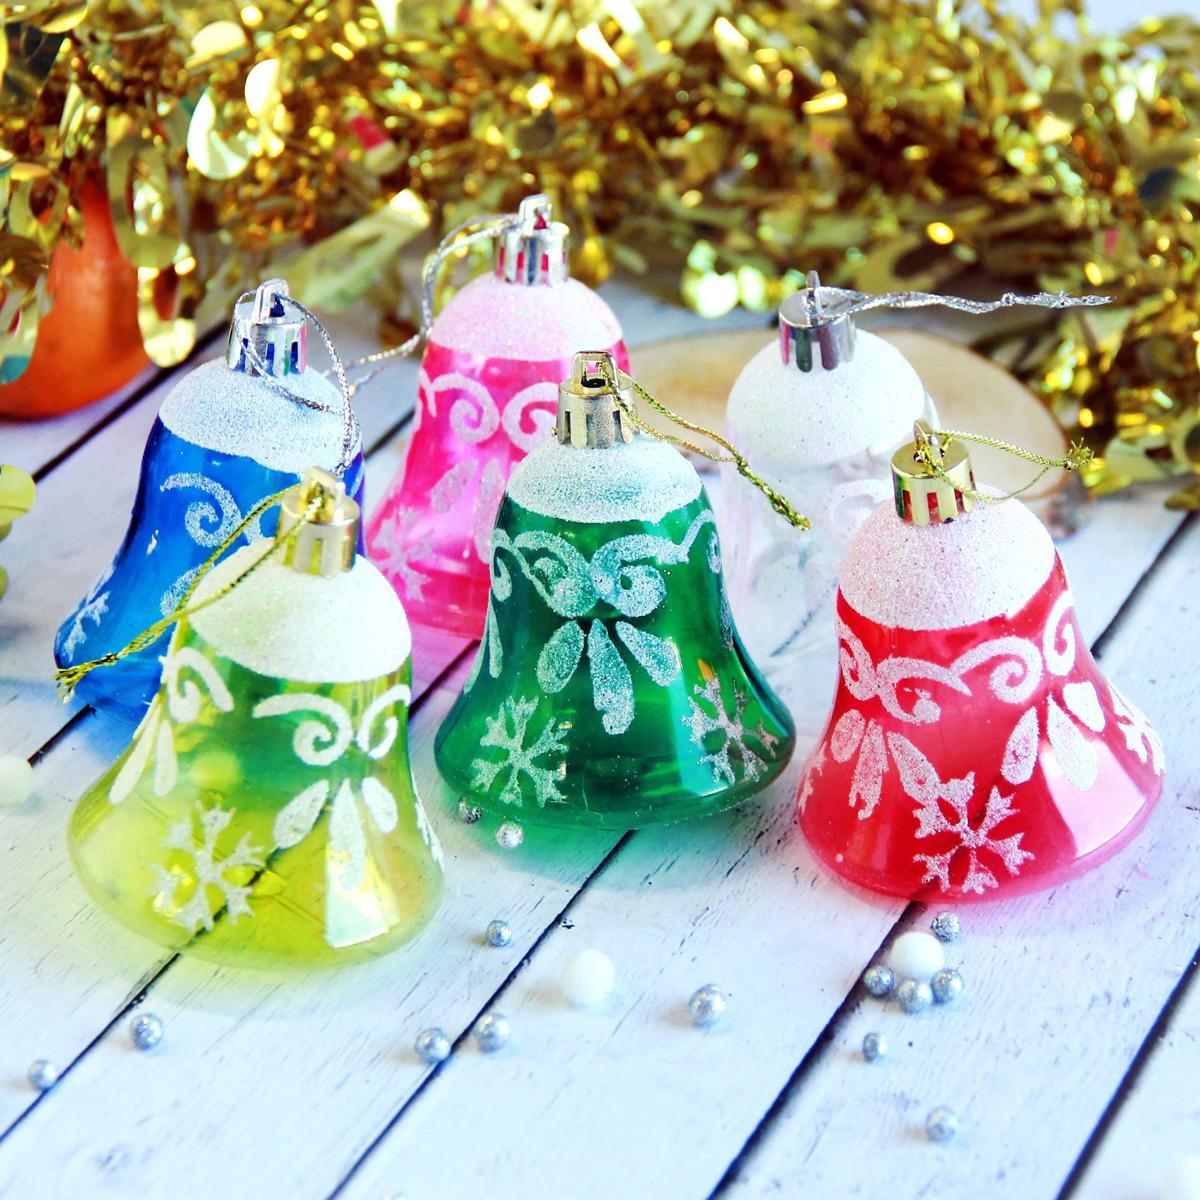 Набор новогодних подвесных украшений Колокольчики, 5,5 х 5 см, 6 шт2371353Набор новогодних подвесных украшений отлично подойдет для декорации вашего дома и новогодней ели. С помощью специальной петельки украшение можно повесить в любом понравившемся вам месте. Но, конечно, удачнее всего оно будет смотреться на праздничной елке.Елочная игрушка - символ Нового года. Она несет в себе волшебство и красоту праздника. Такое украшение создаст в вашем доме атмосферу праздника, веселья и радости.